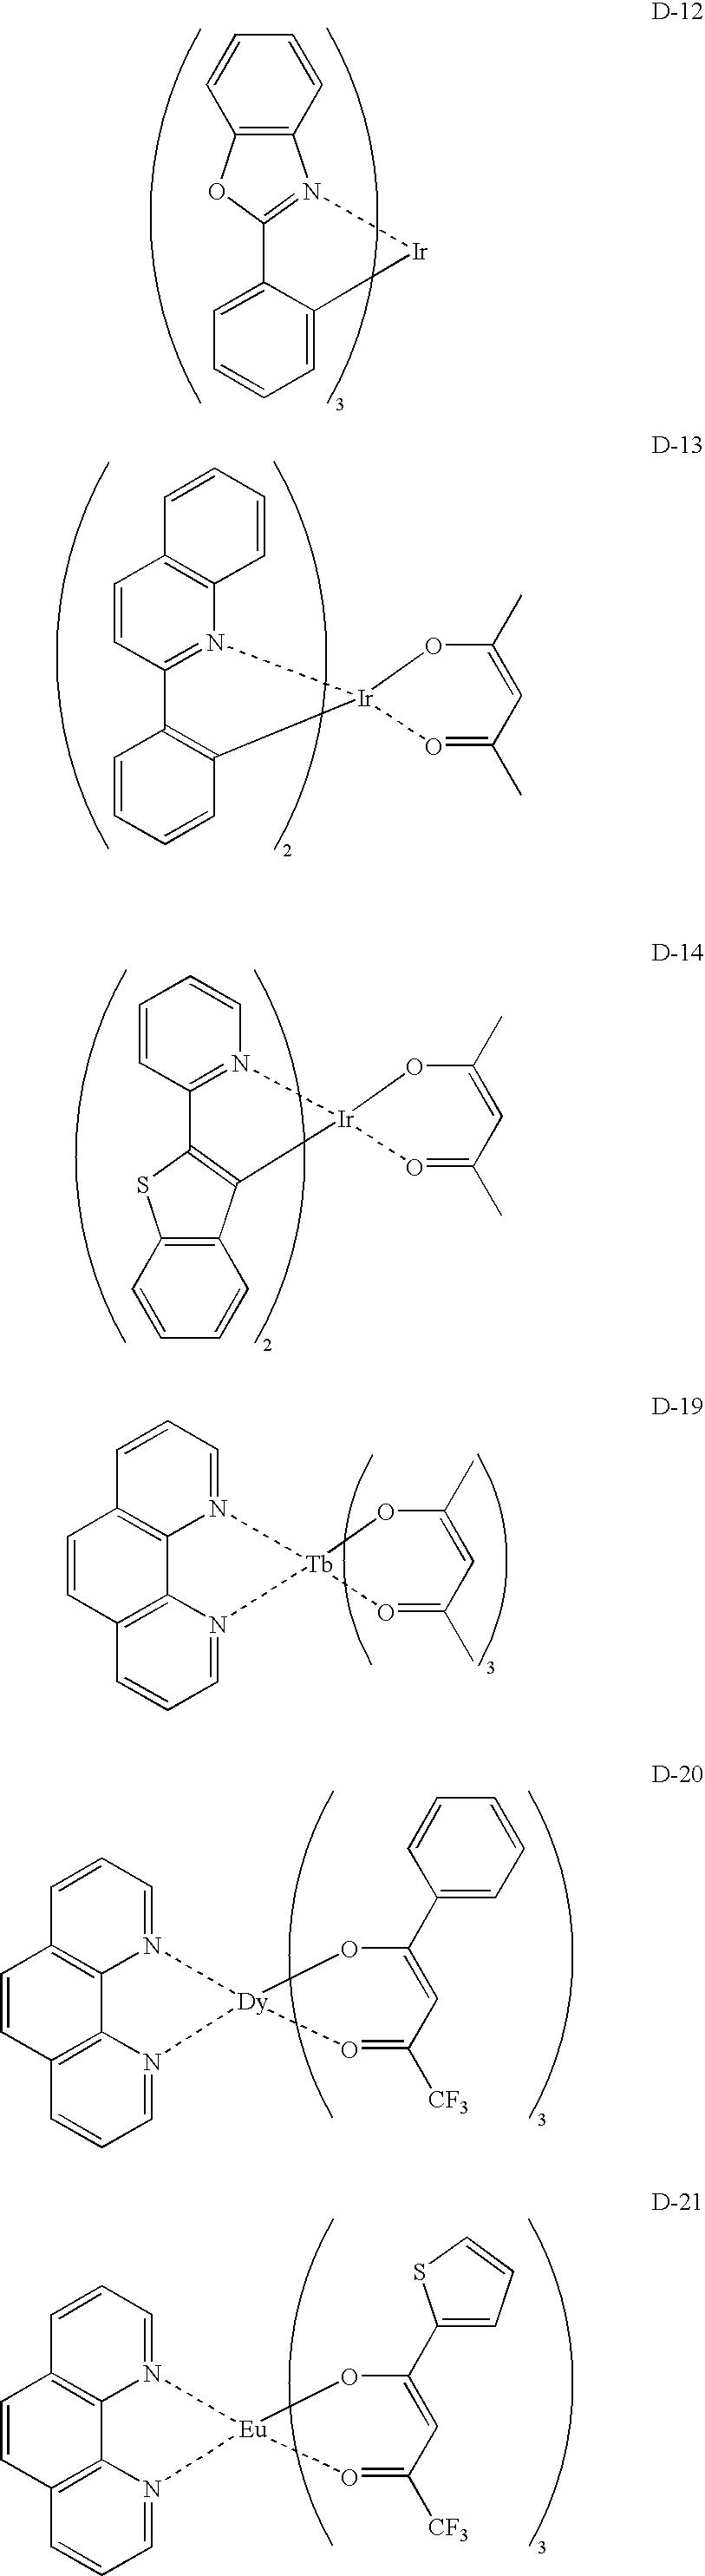 Figure US20060194076A1-20060831-C00003